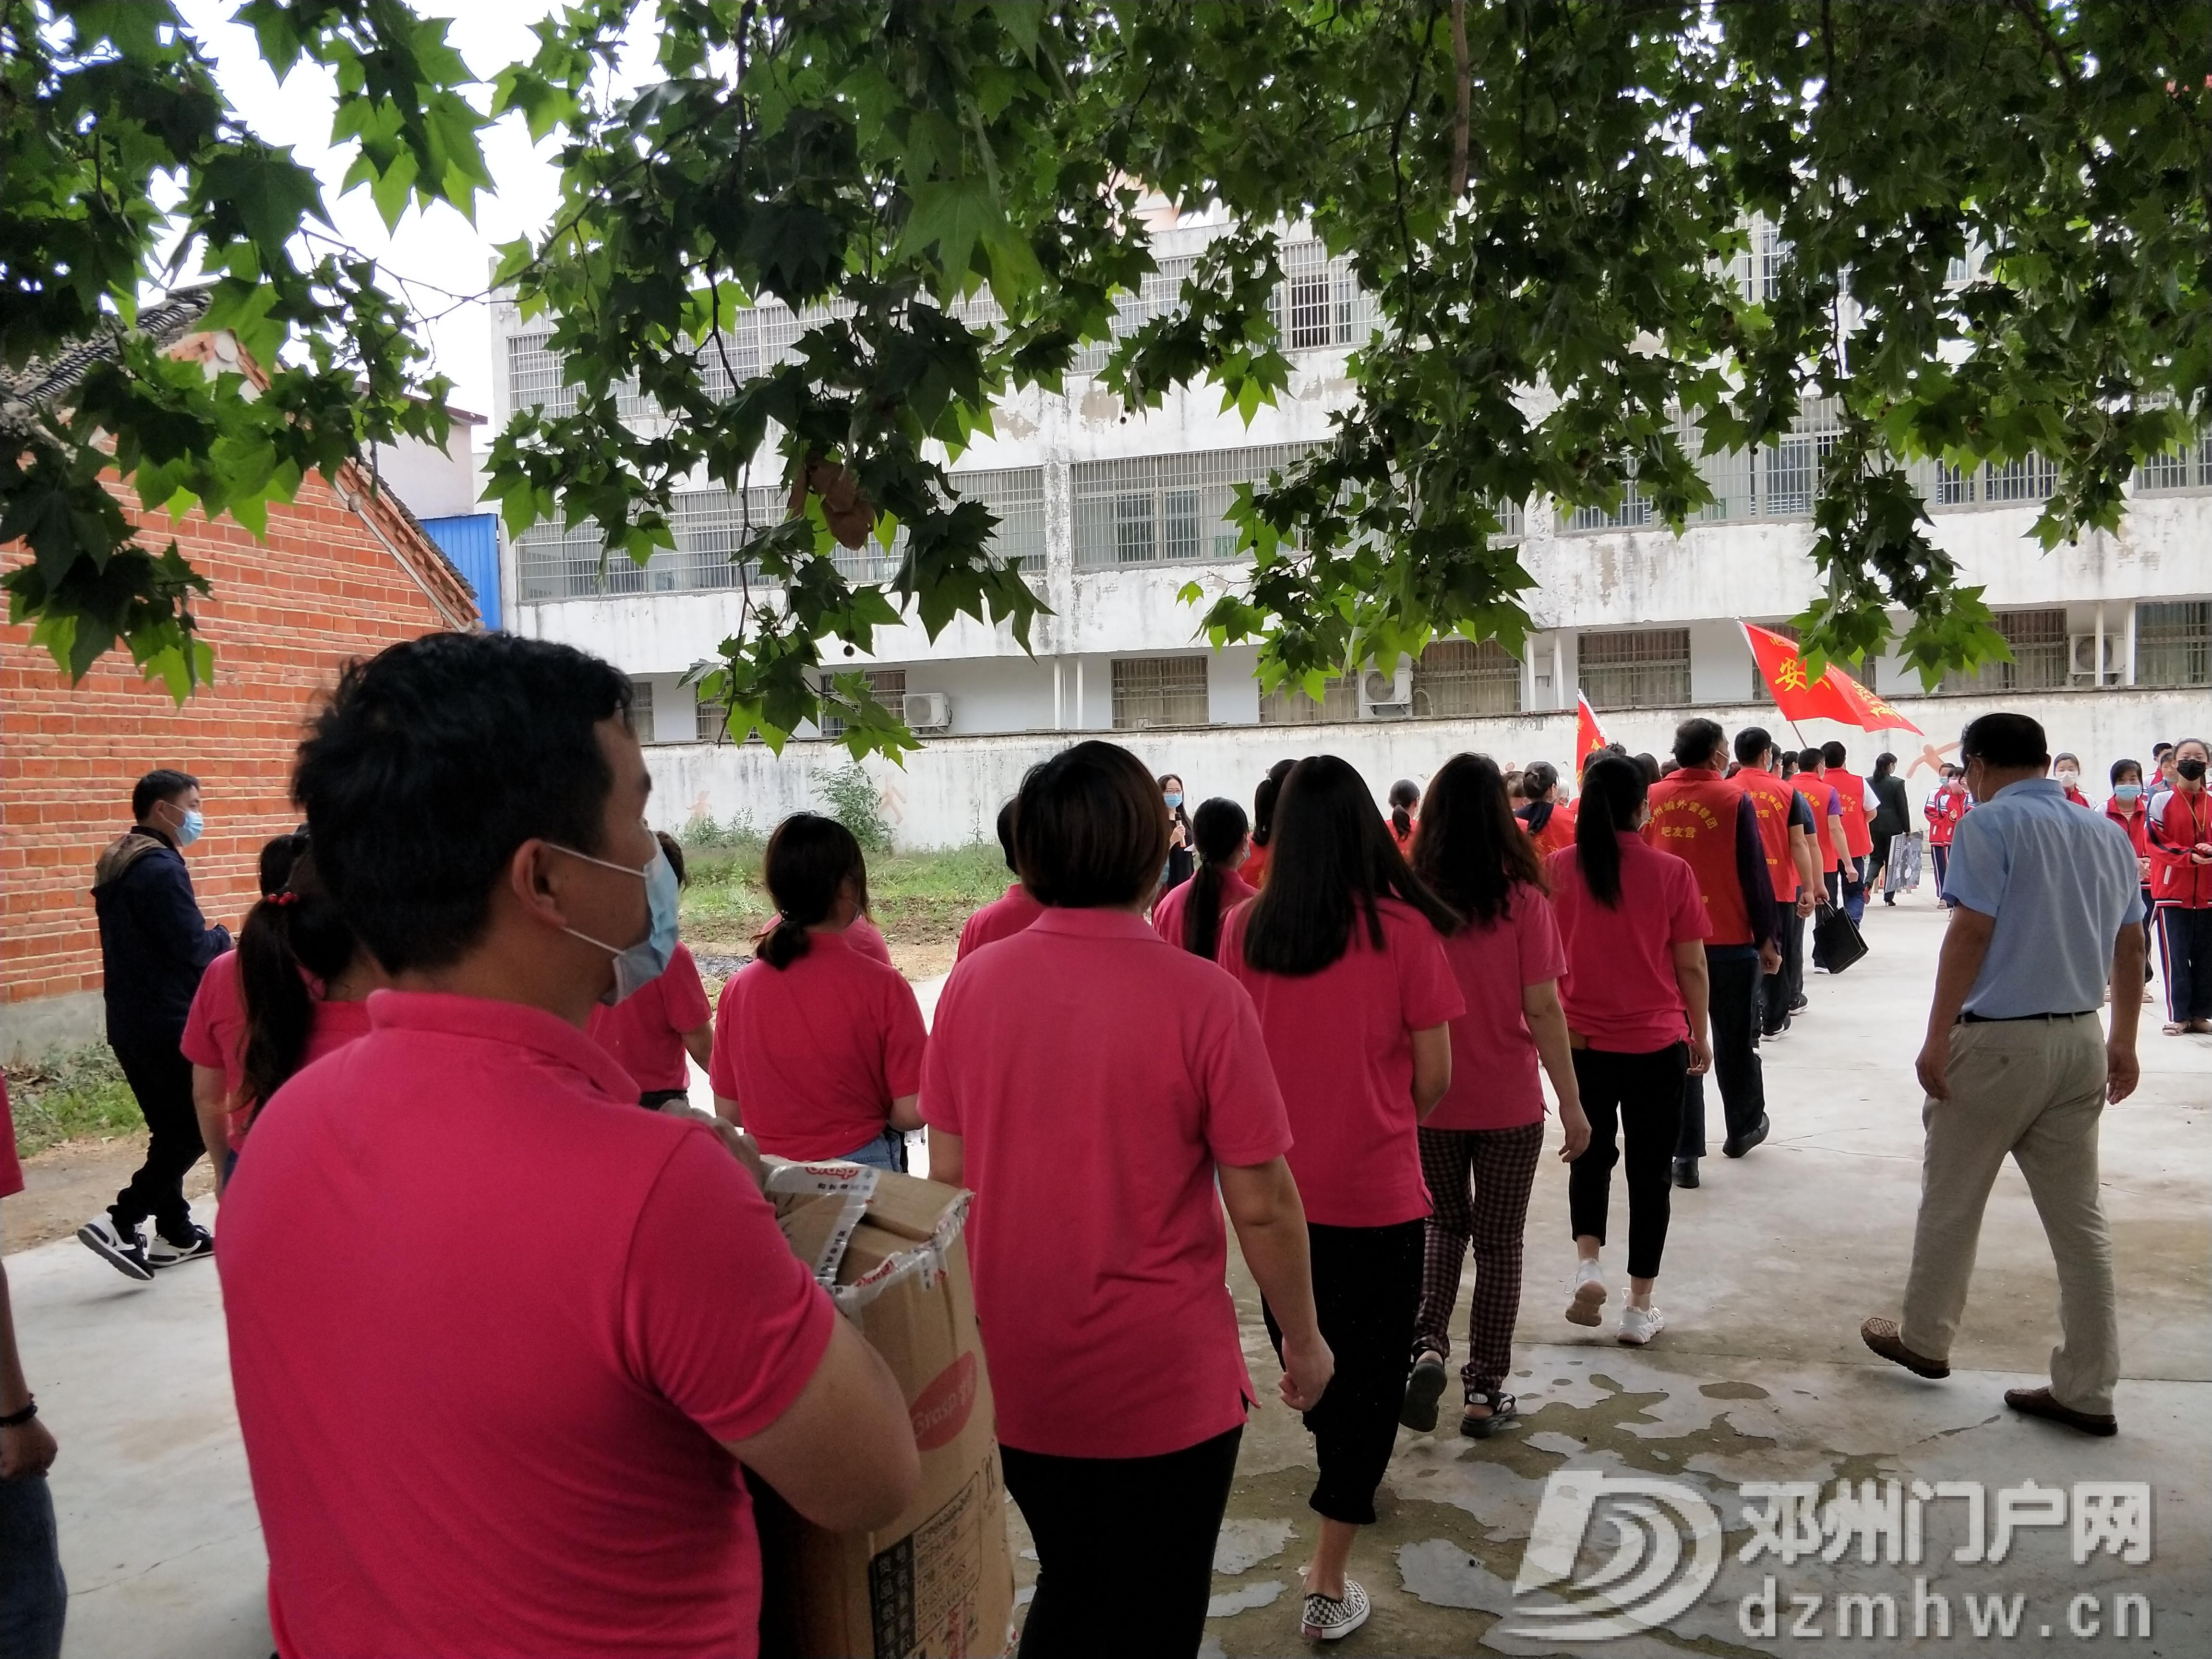 为了雷锋精神在邓州永续...... - 邓州门户网|邓州网 - 微信图片_20200515011208.jpg